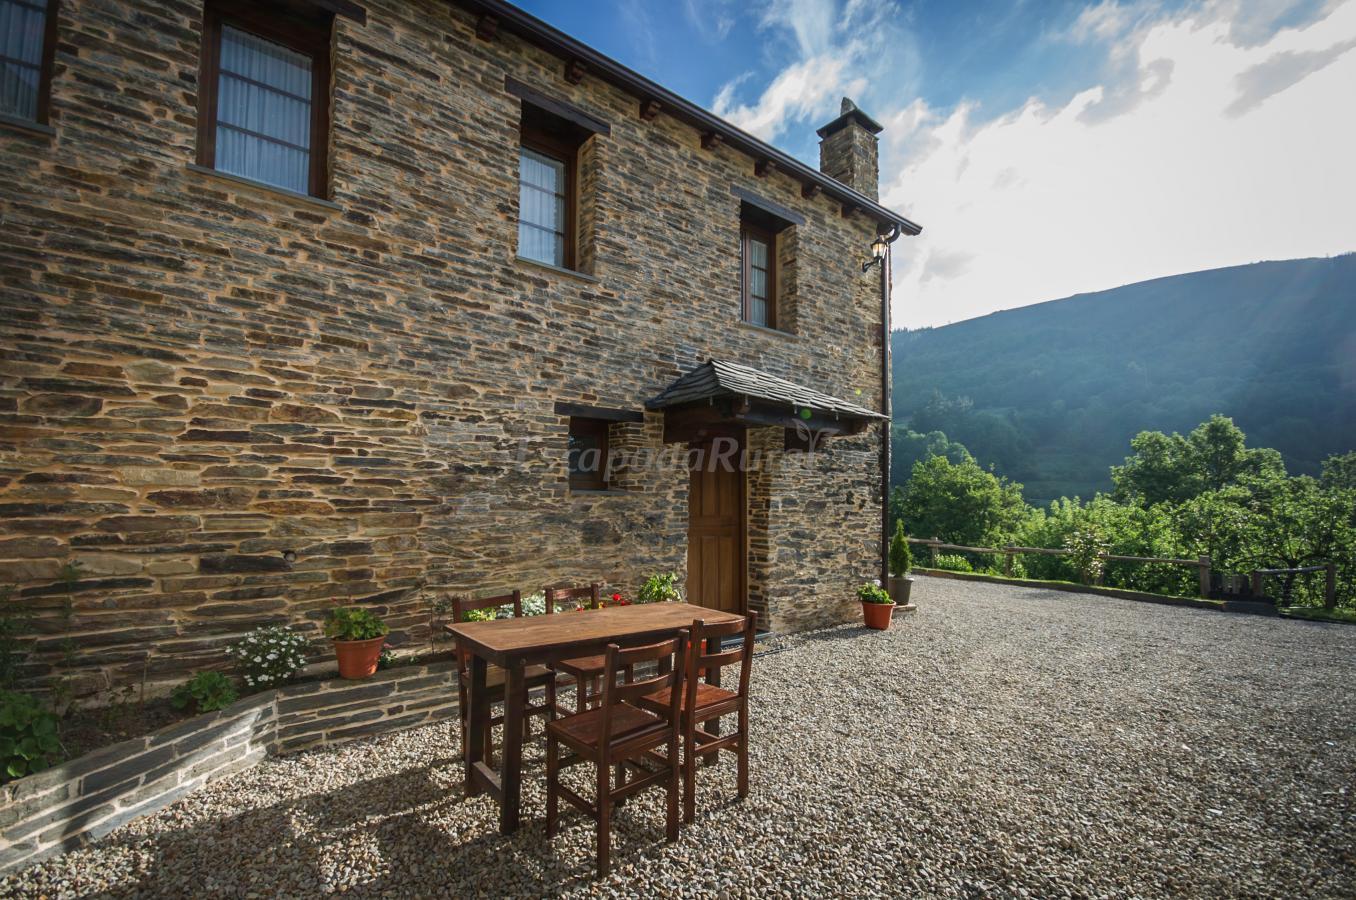 Fotos de apartamentos rurales el sualleiro casa rural en - Fotorural asturias ...